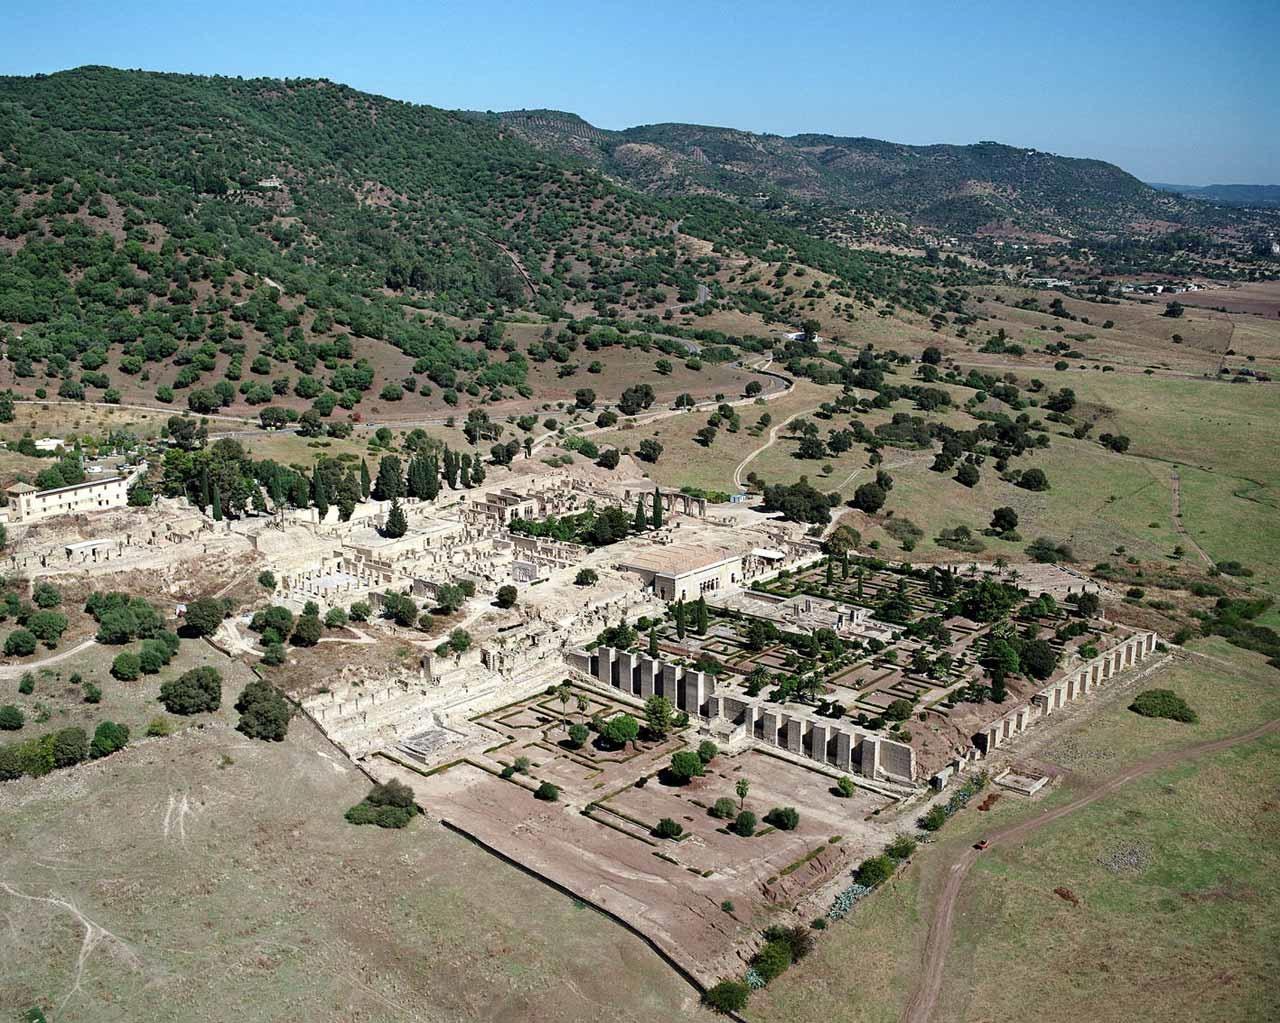 Córdoba_restos_arqueológicos_Medina_Azahara